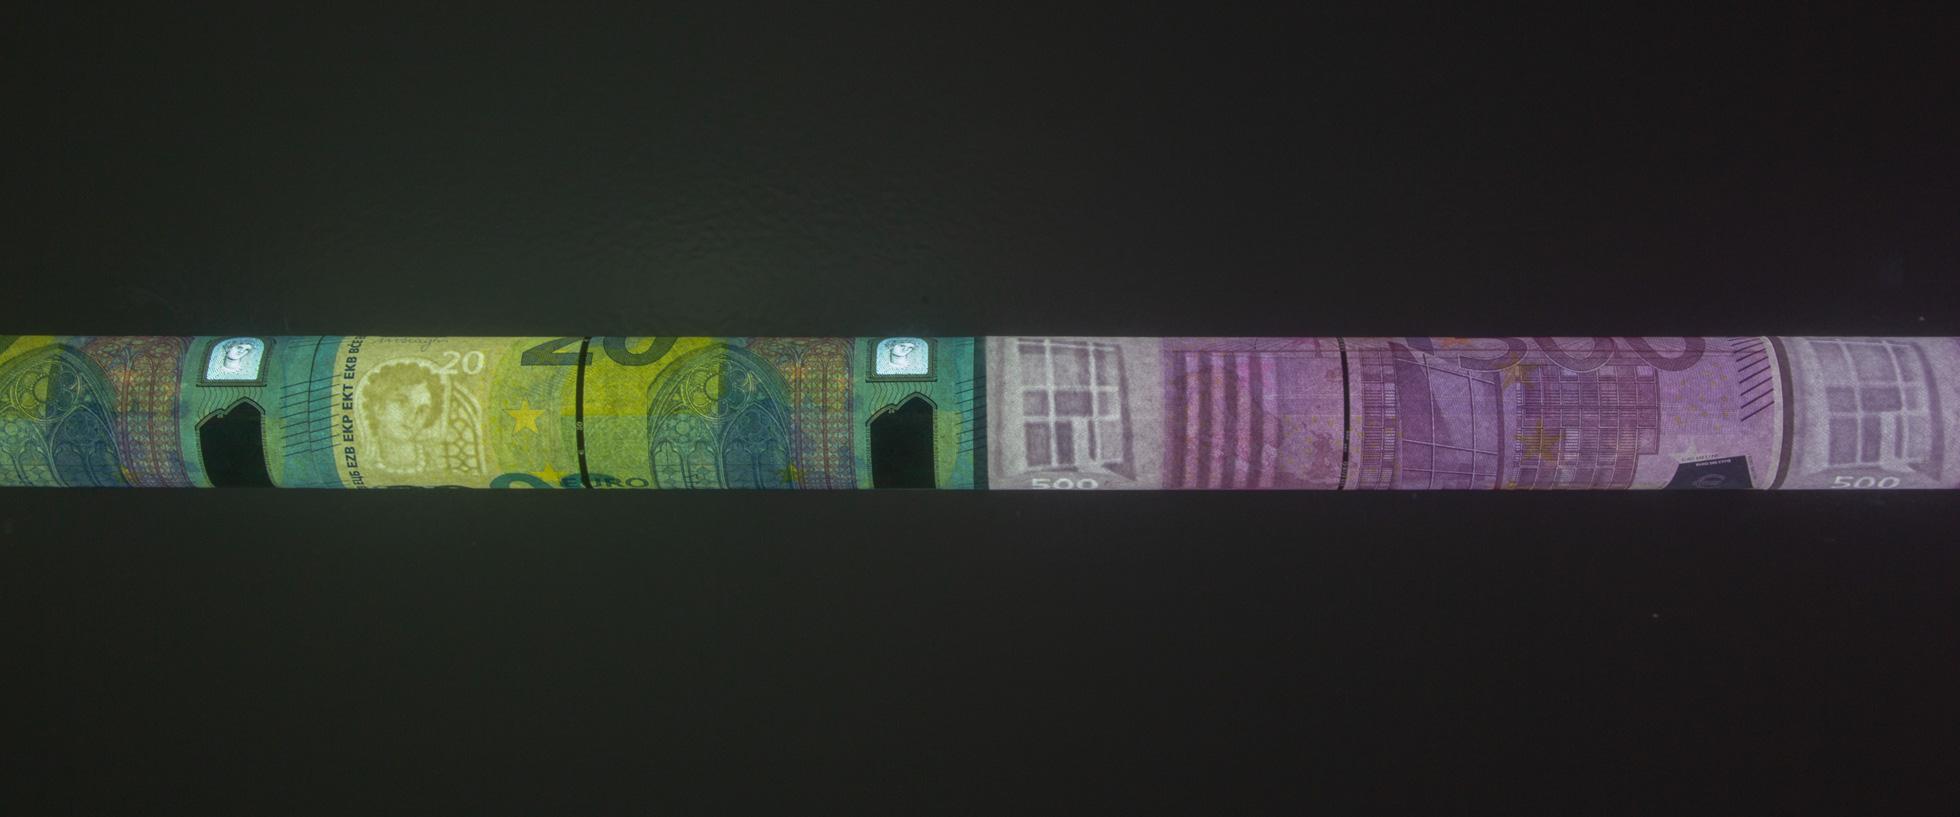 Philipp Valenta - Detail Neonröhre / detail neontube